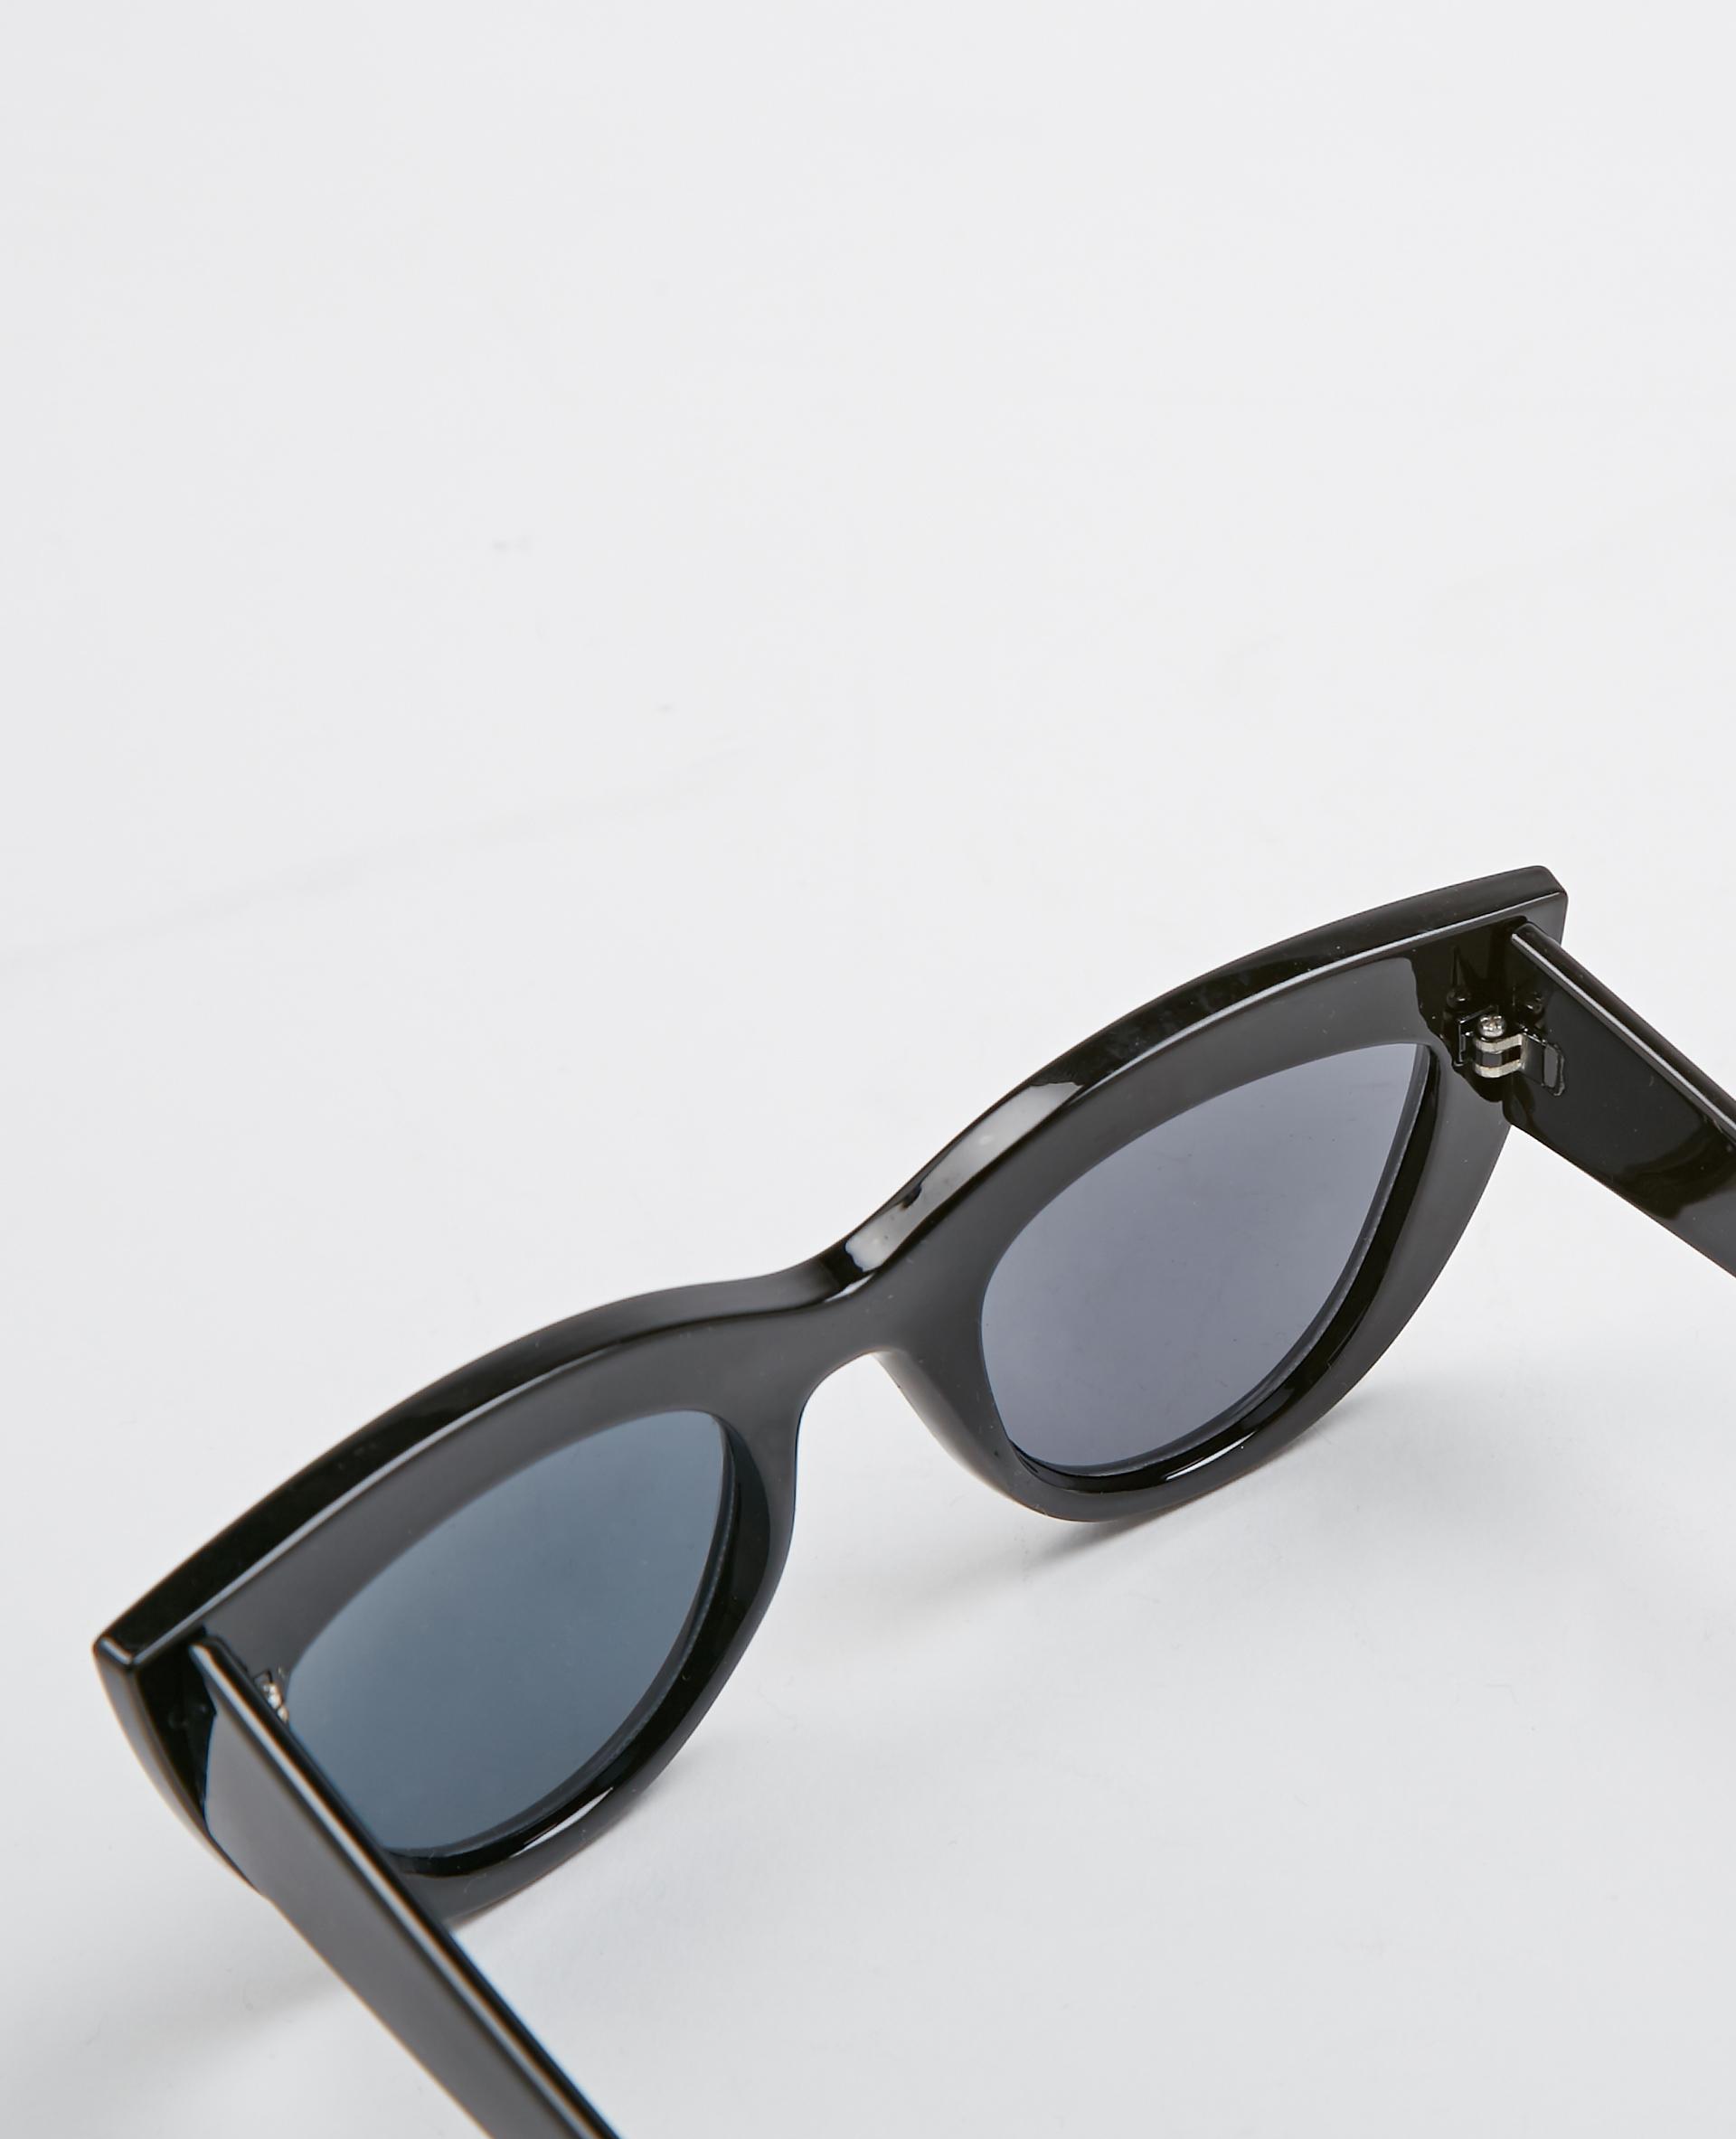 Lunettes de soleil cat eye noir - Pimkie